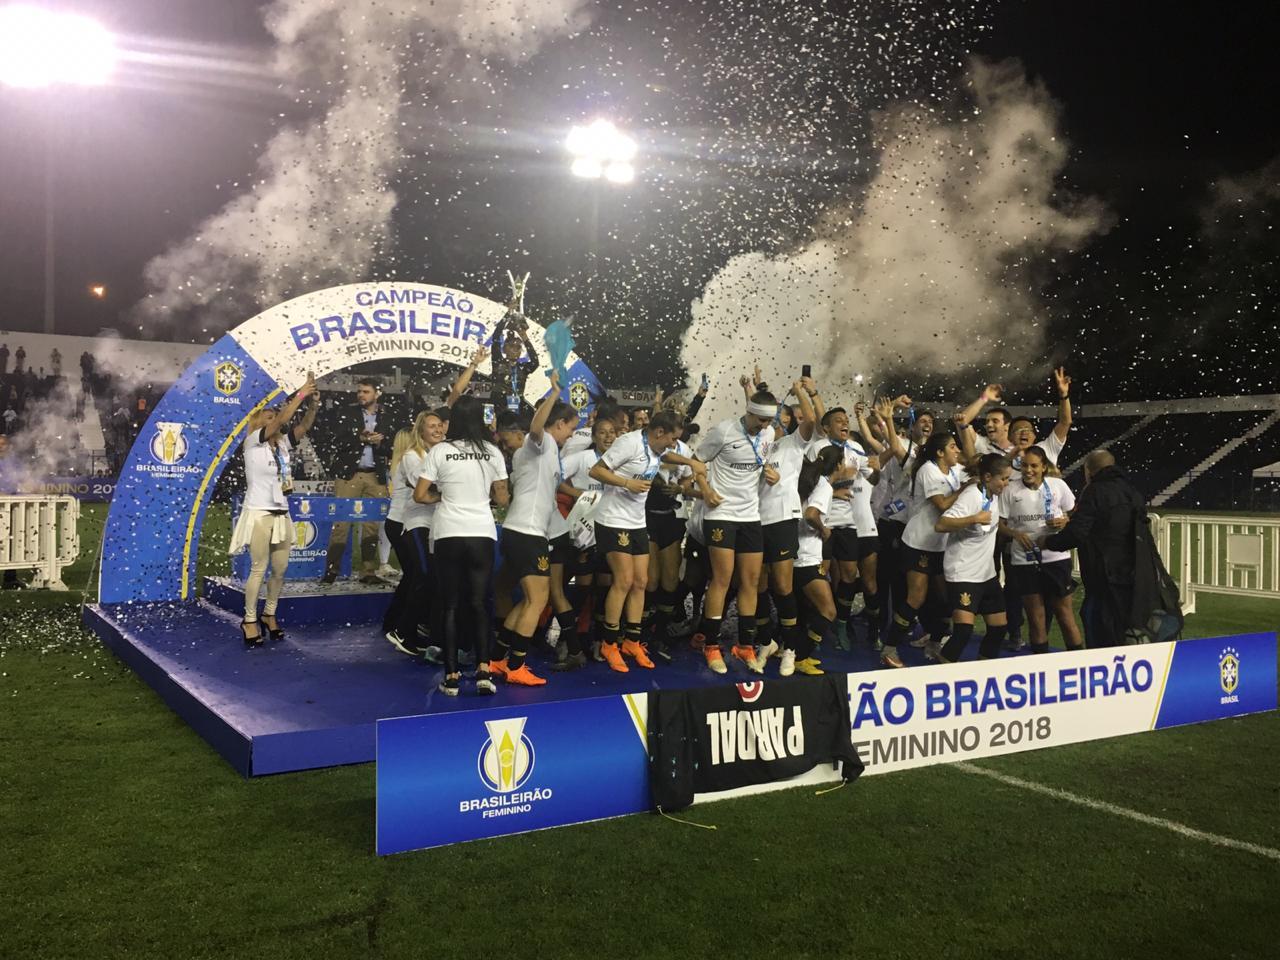 925b254af270e Uma exibição perfeita na final e uma campanha irreparável em todo o  campeonato  o Corinthians terminou a temporada com a conquista merecida do  título ...